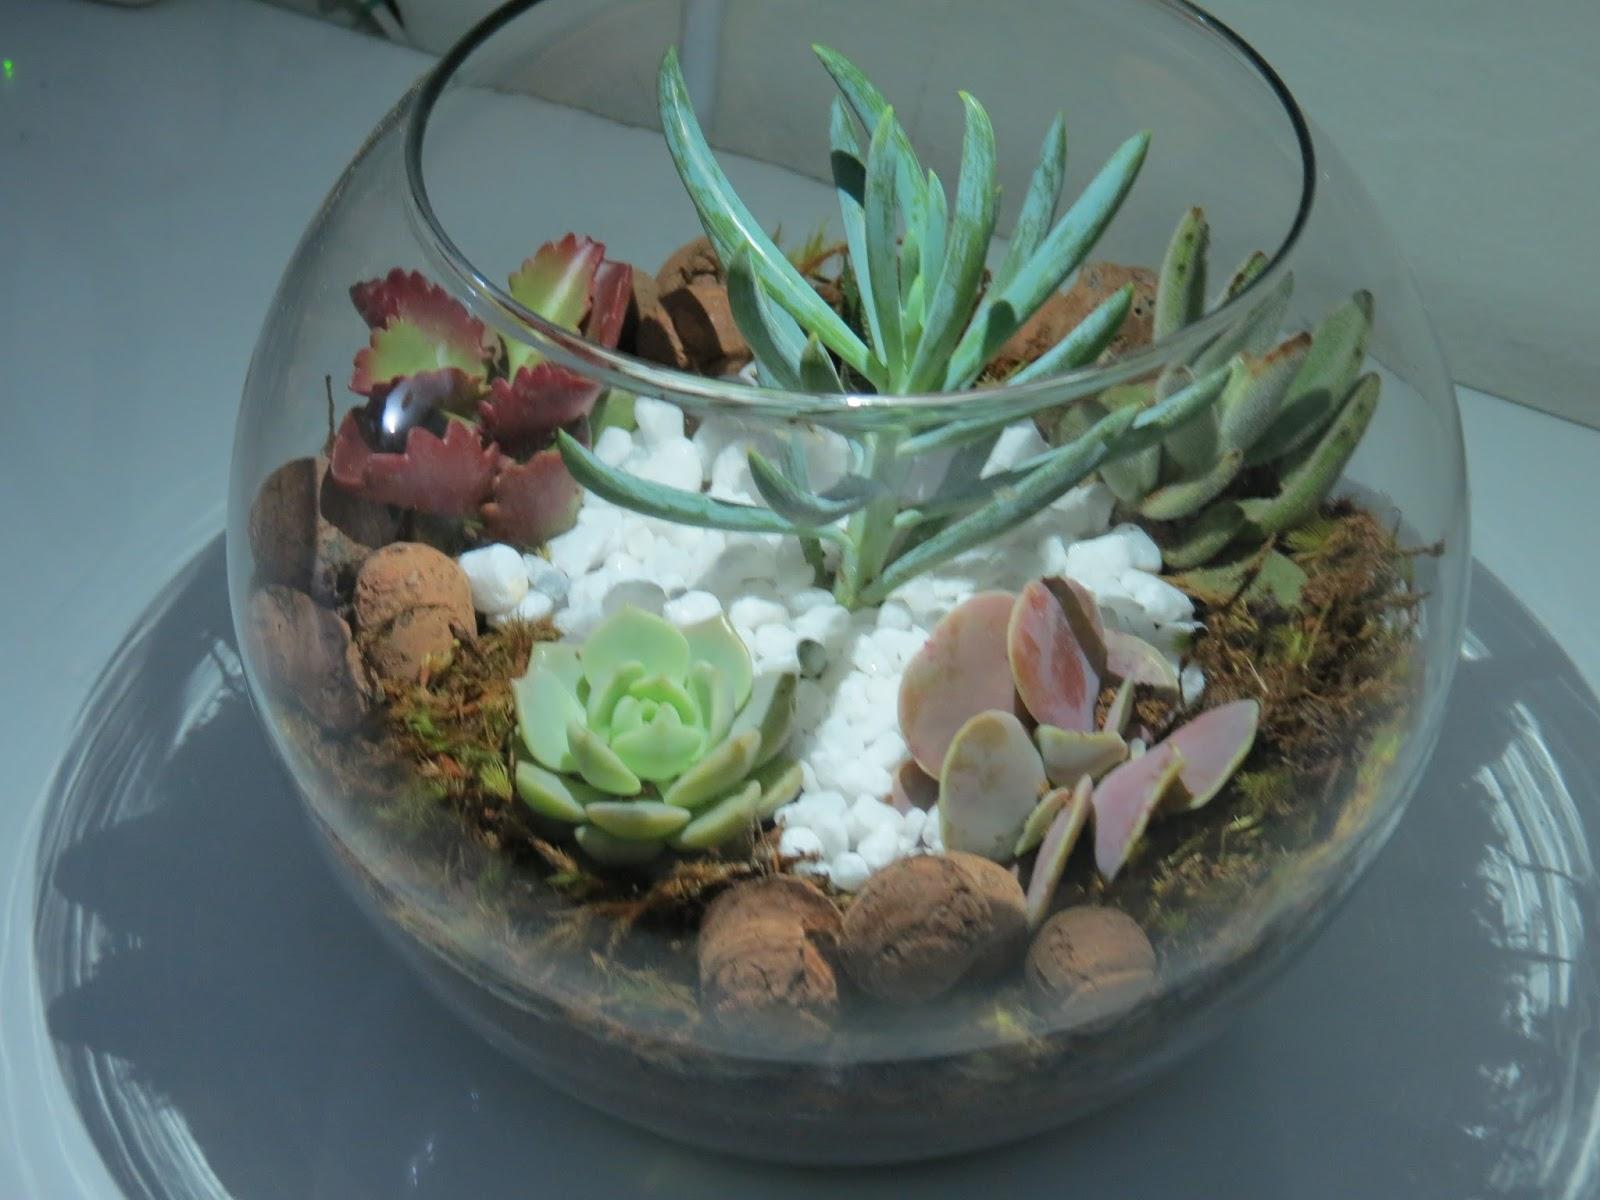 mini jardim de vidro: de nada nessa vida abraços aos parceiros de profissão paulo heib